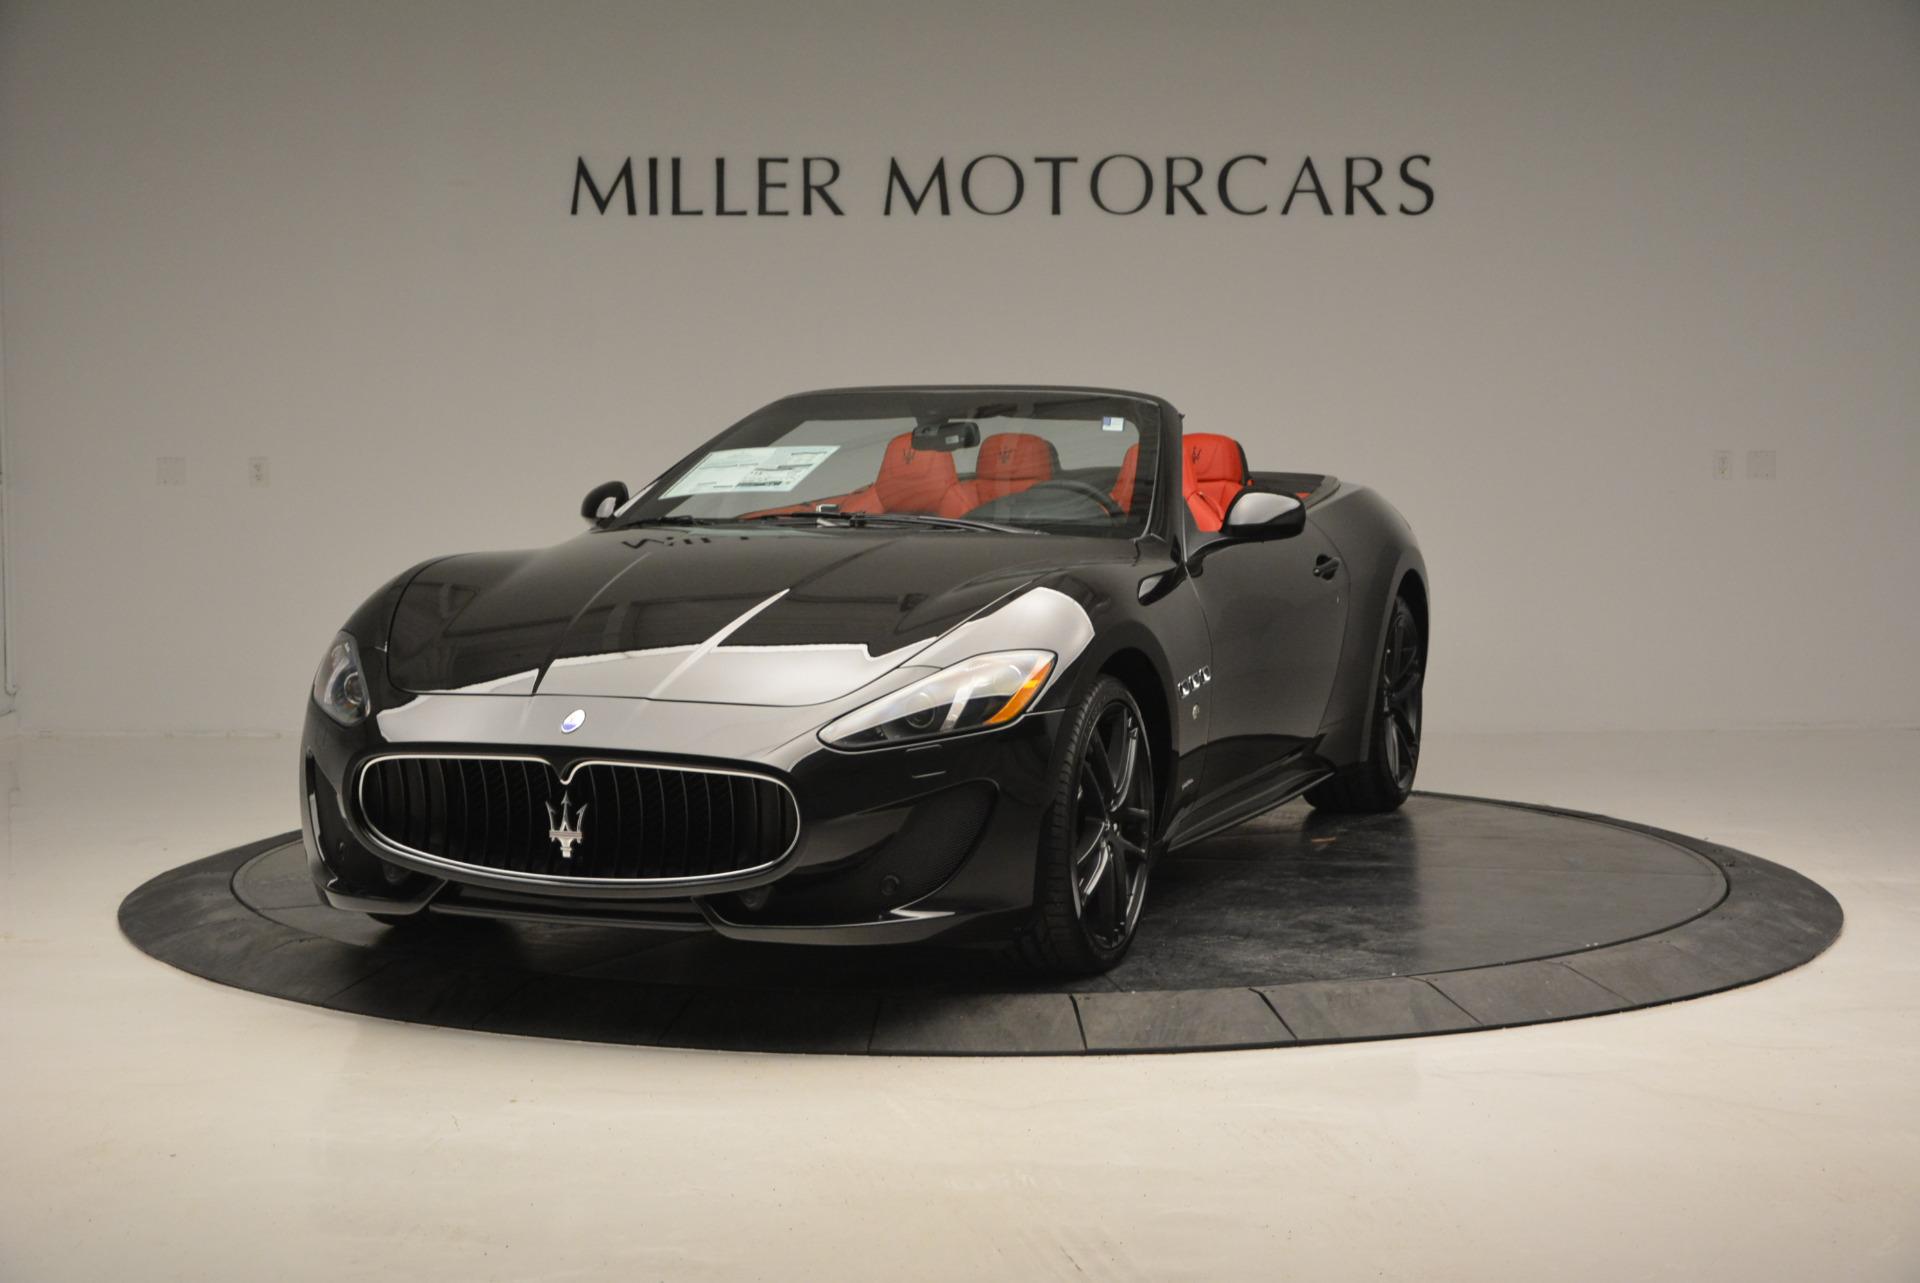 New 2017 Maserati GranTurismo Cab Sport For Sale In Greenwich, CT 687_main